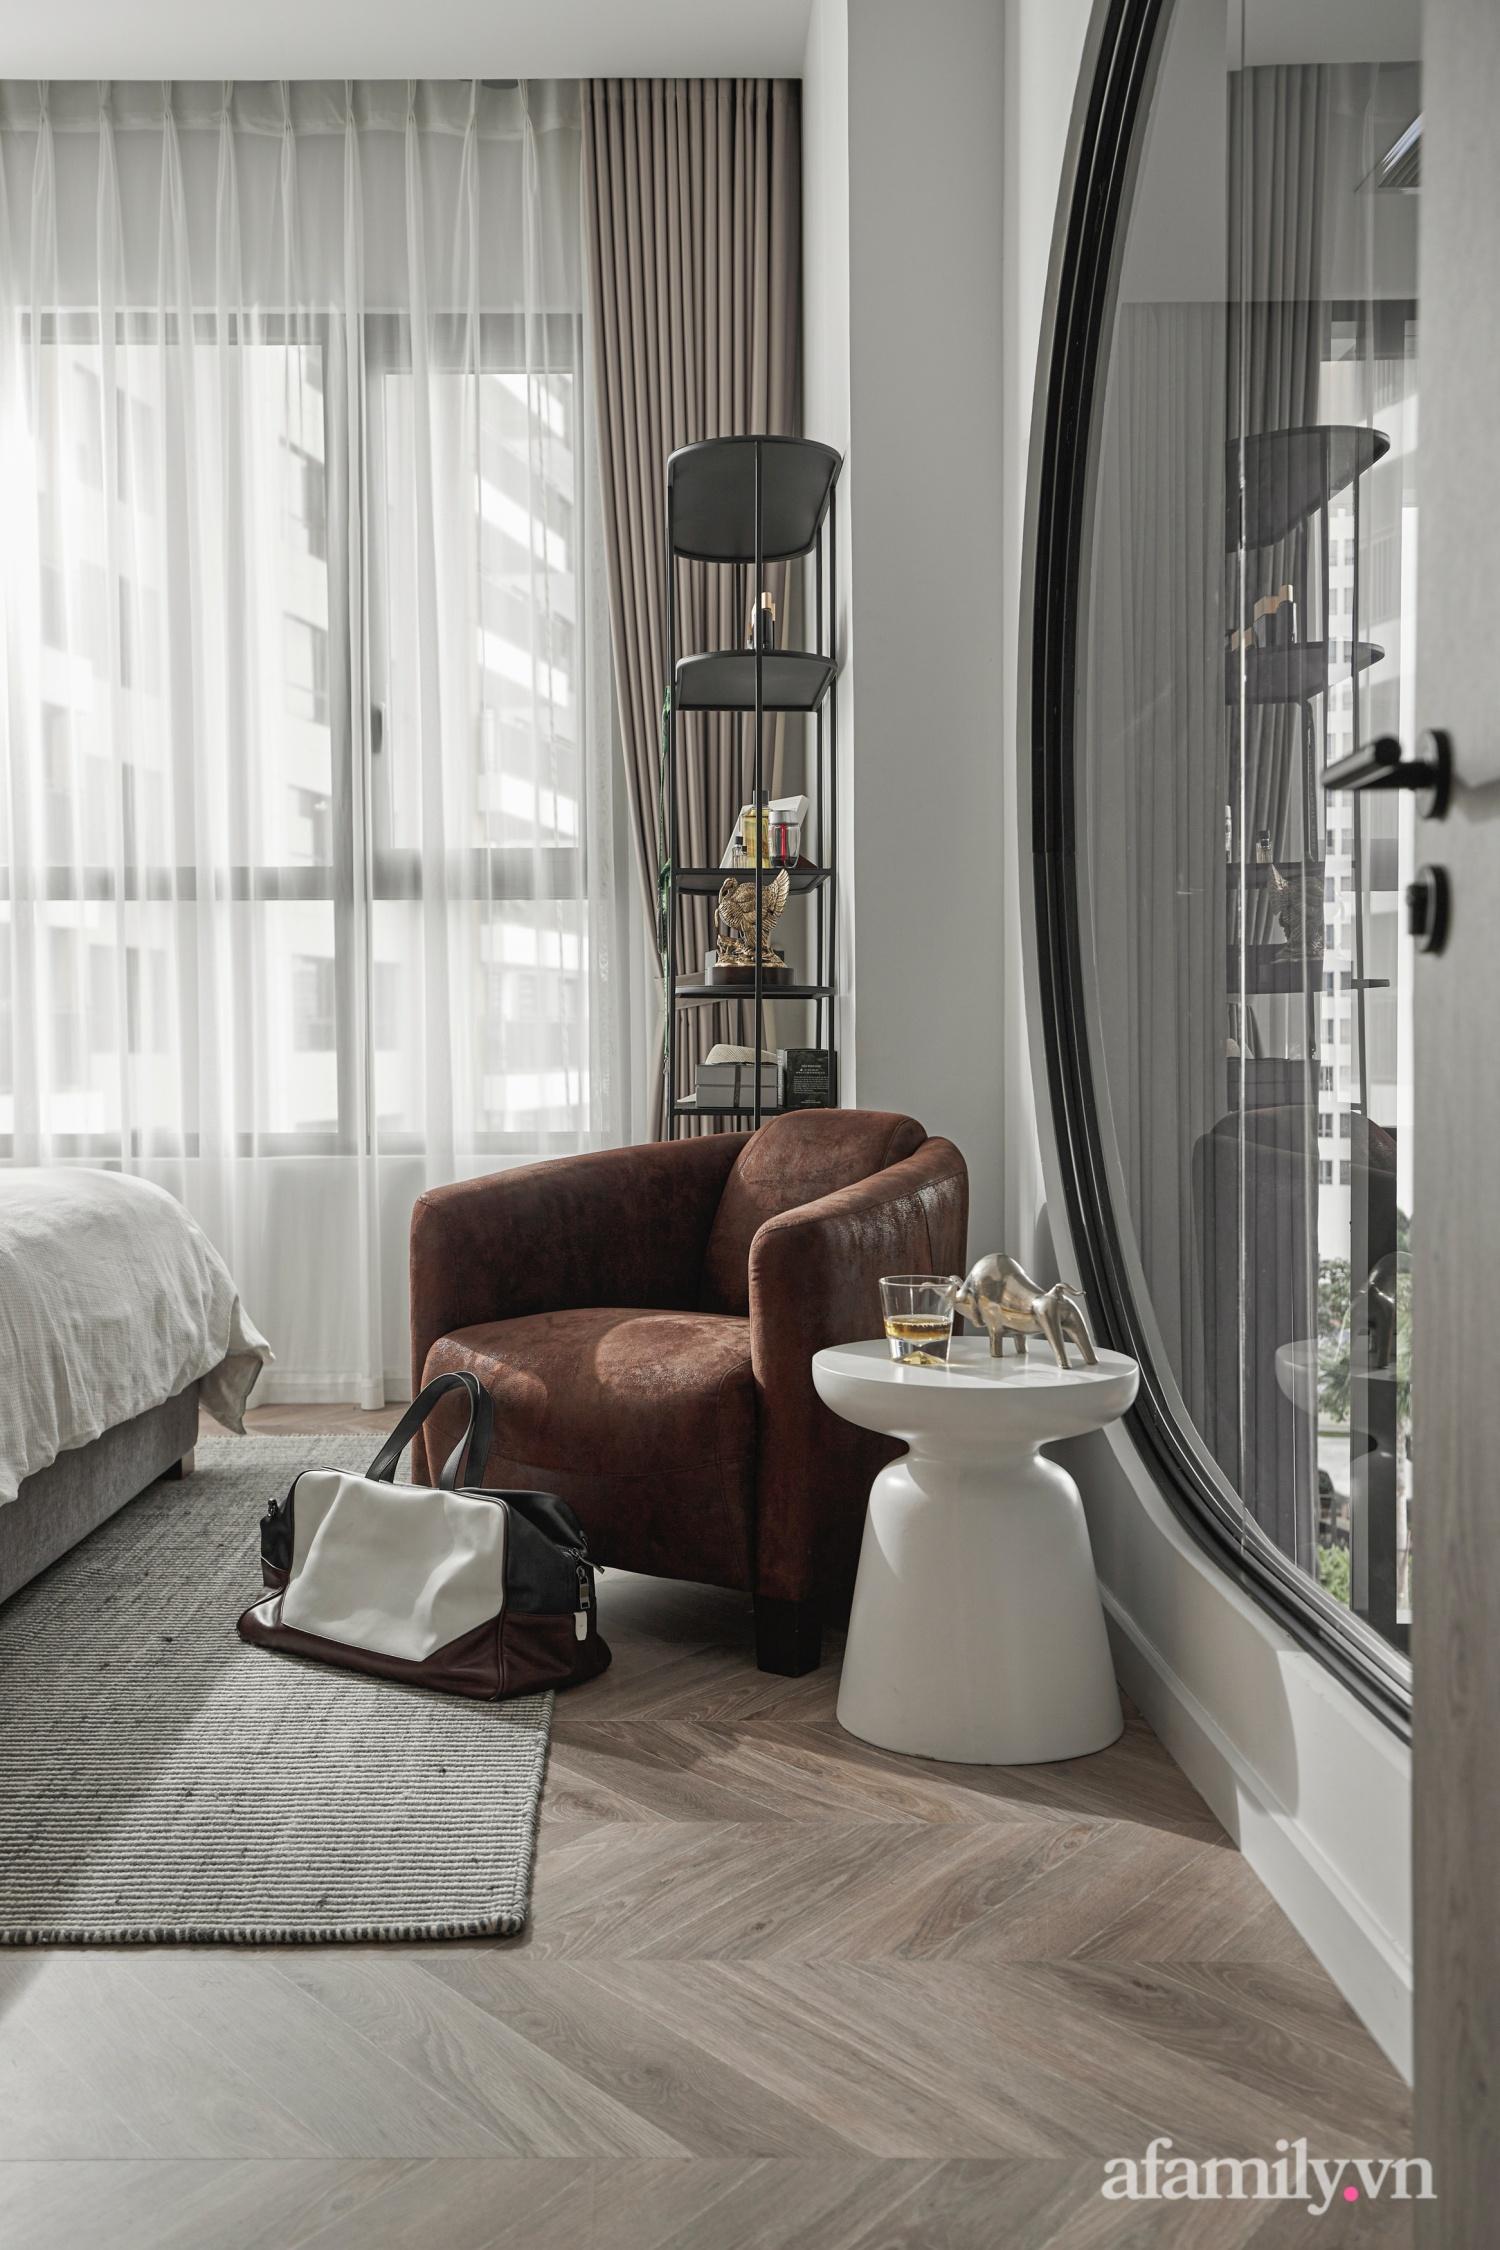 Căn hộ 2 tầng rộng 145m² đẹp sang trọng với điểm nhấn mộc mạc từ chất liệu bê tông ở Sài Gòn - Ảnh 15.